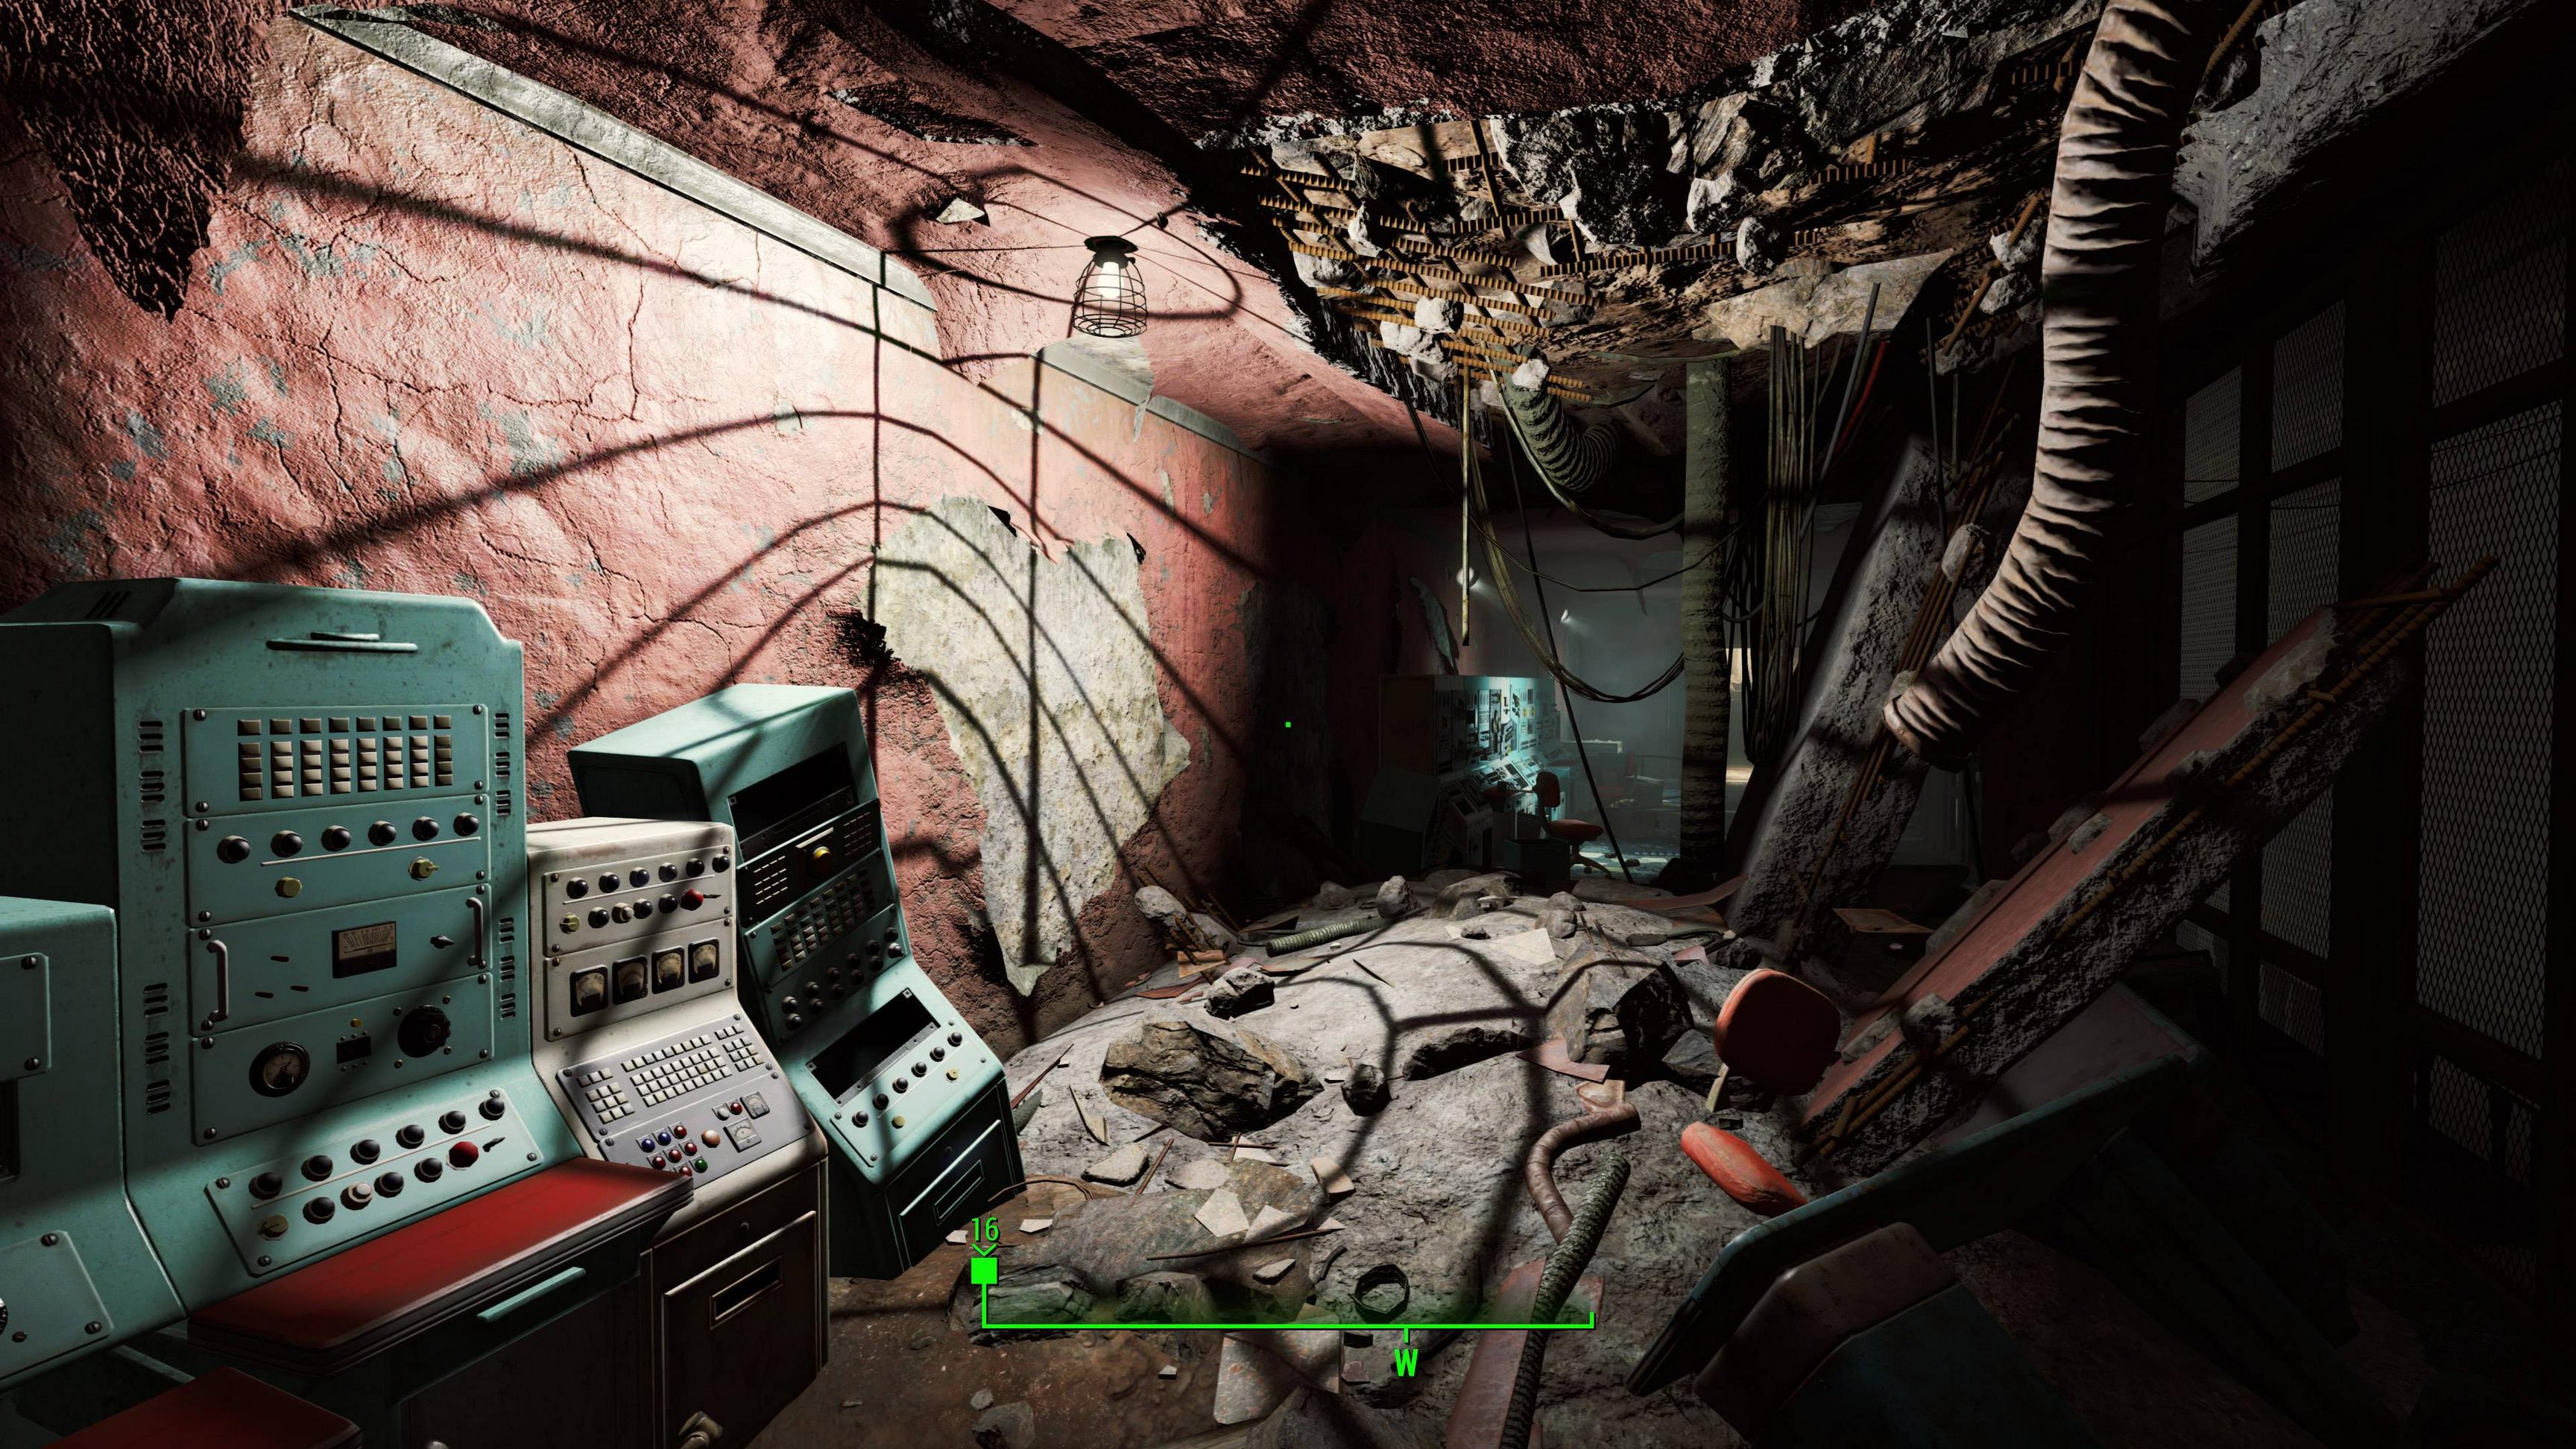 PC verzi Falloutu 4 můžete obohatit o textury ve vysokém rozlišení 138013